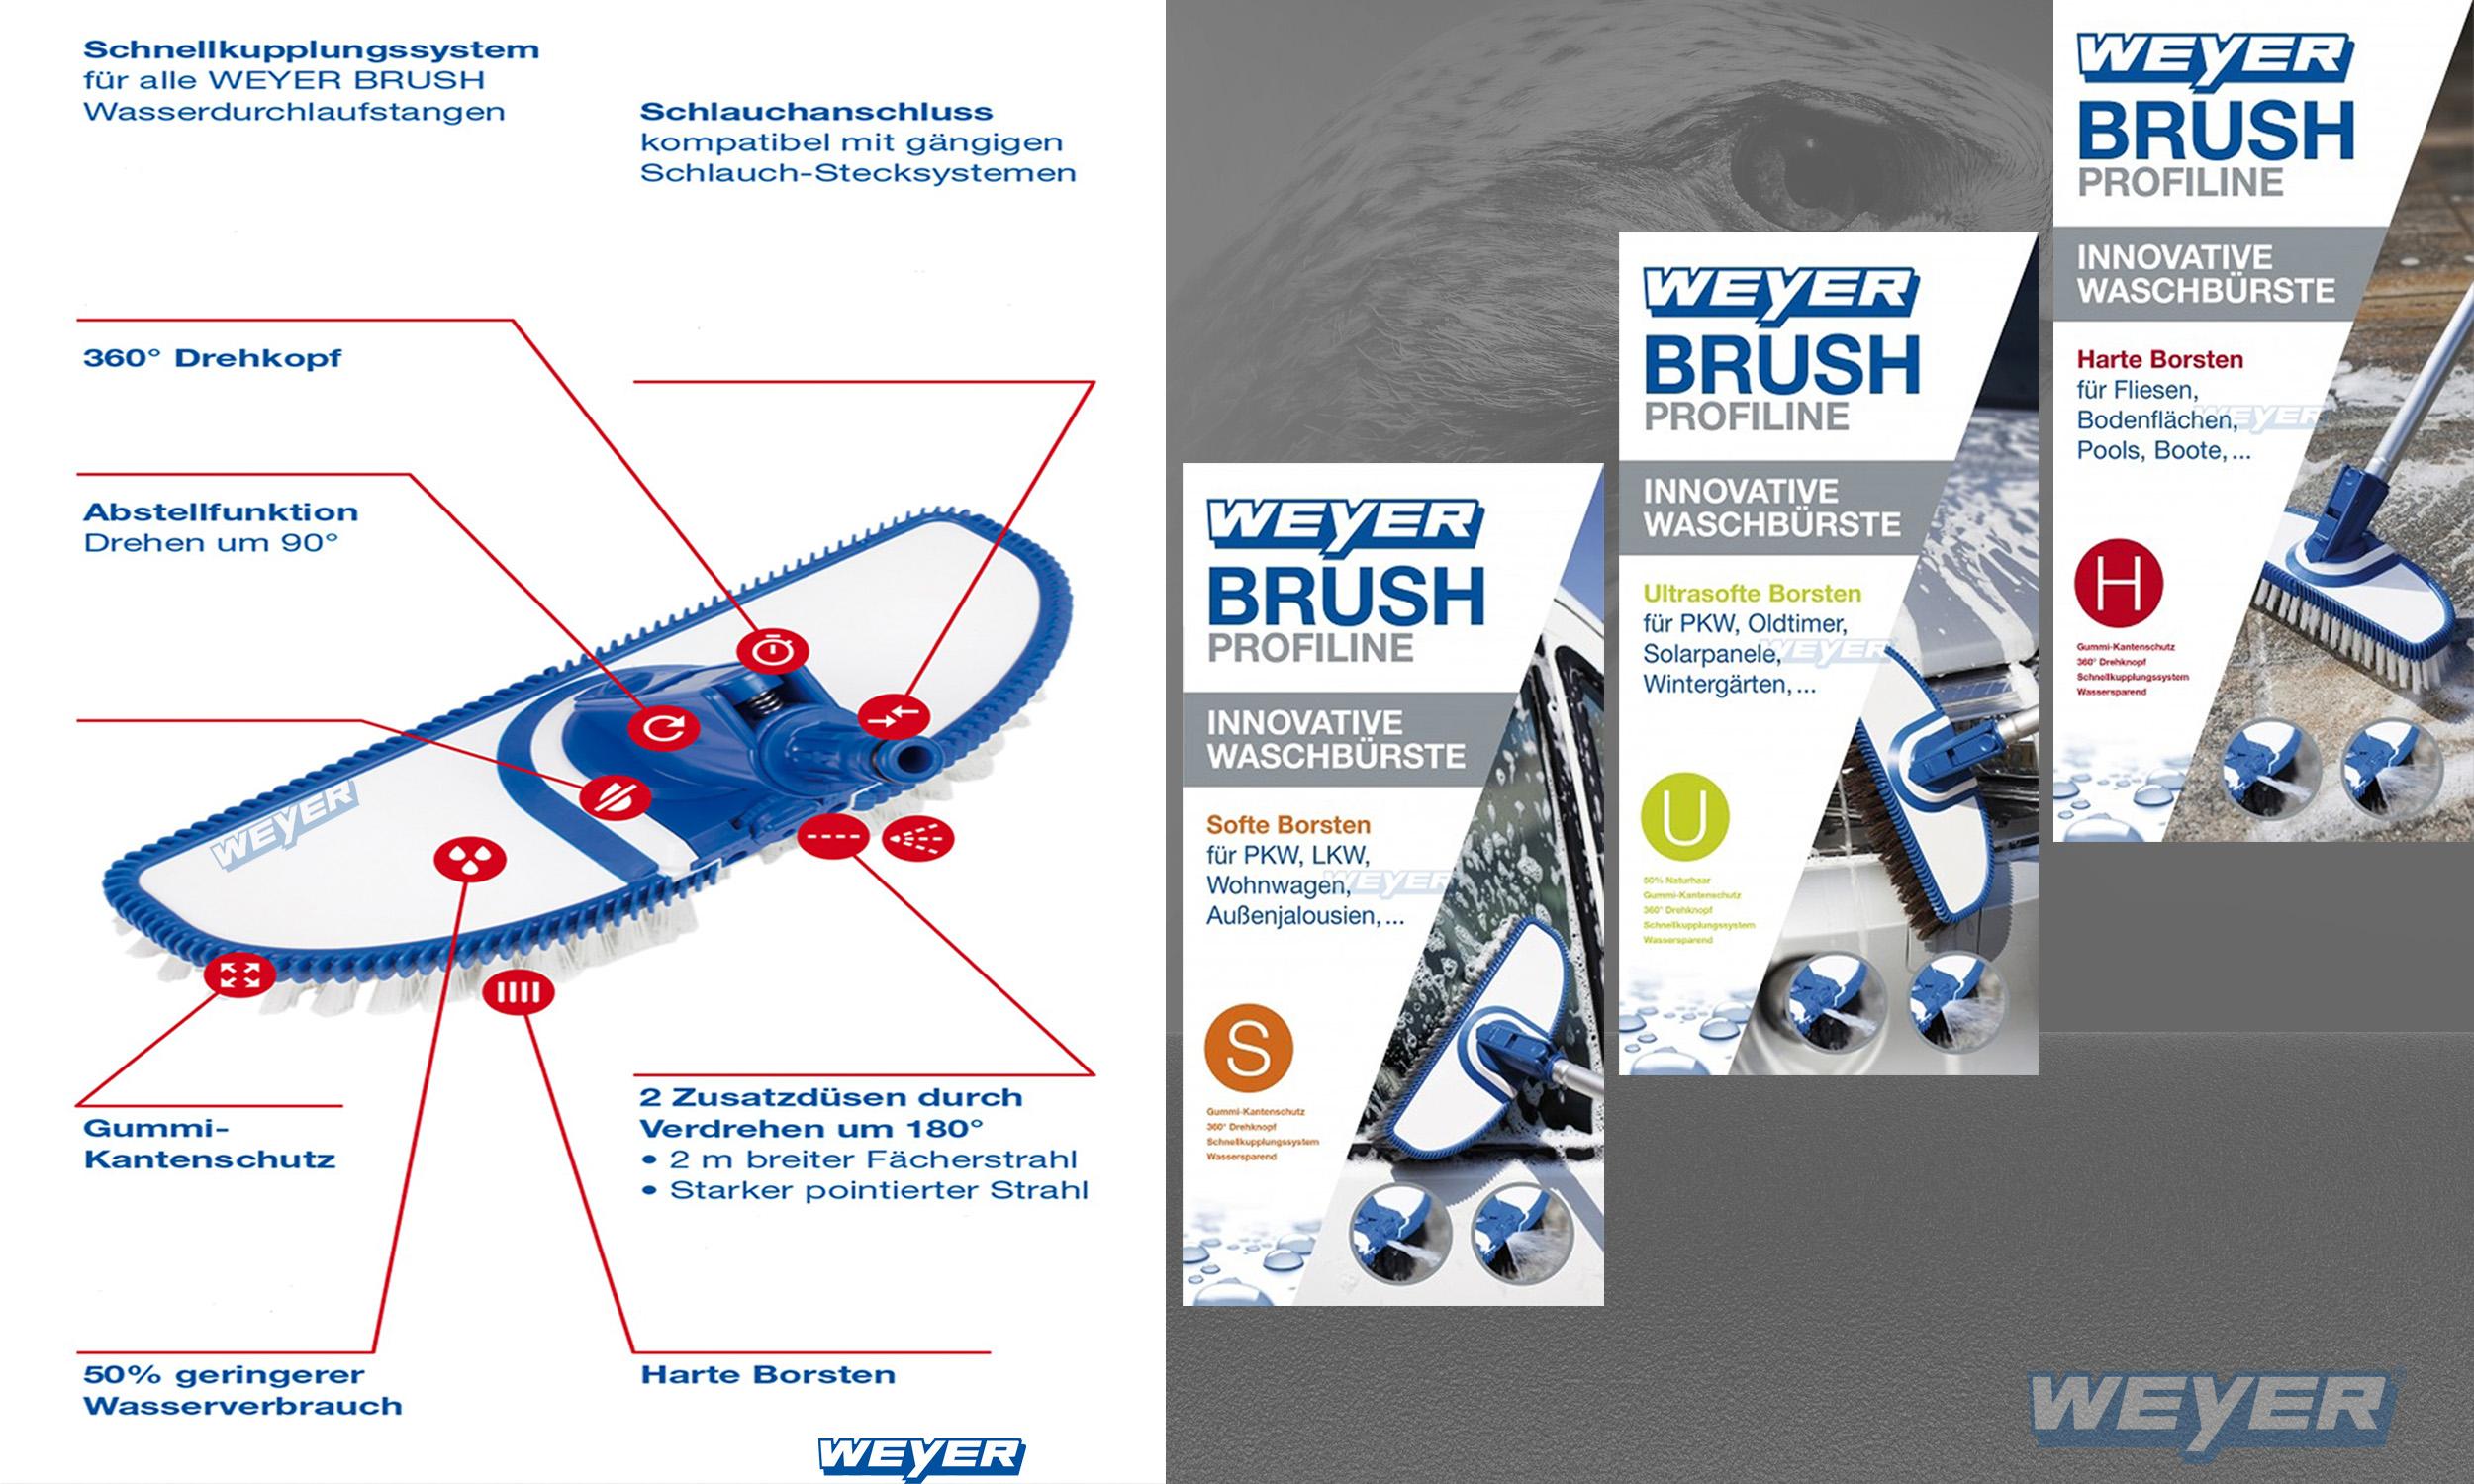 706682_Weyer-Brush_H_Detail_deutsche-Beschreibung-2Sz5cIwpCwJUss